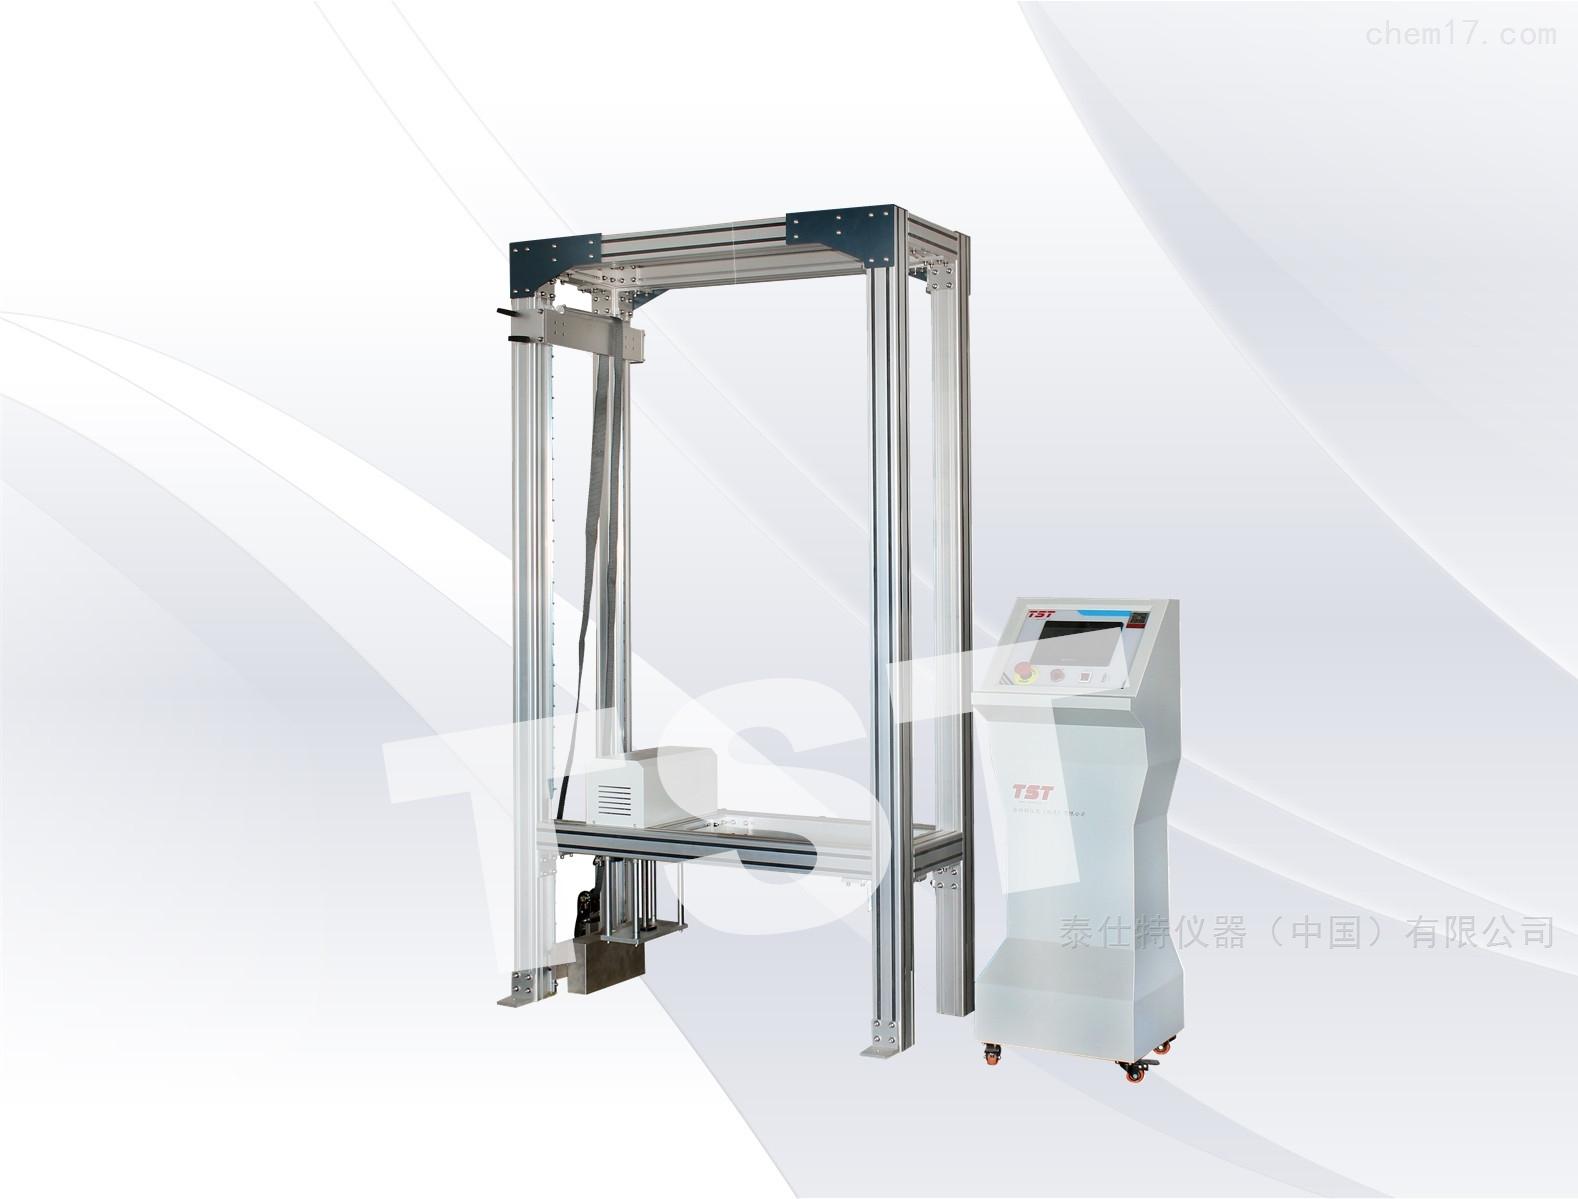 可调节围栏扶手动态疲劳试验机—泰仕特仪器